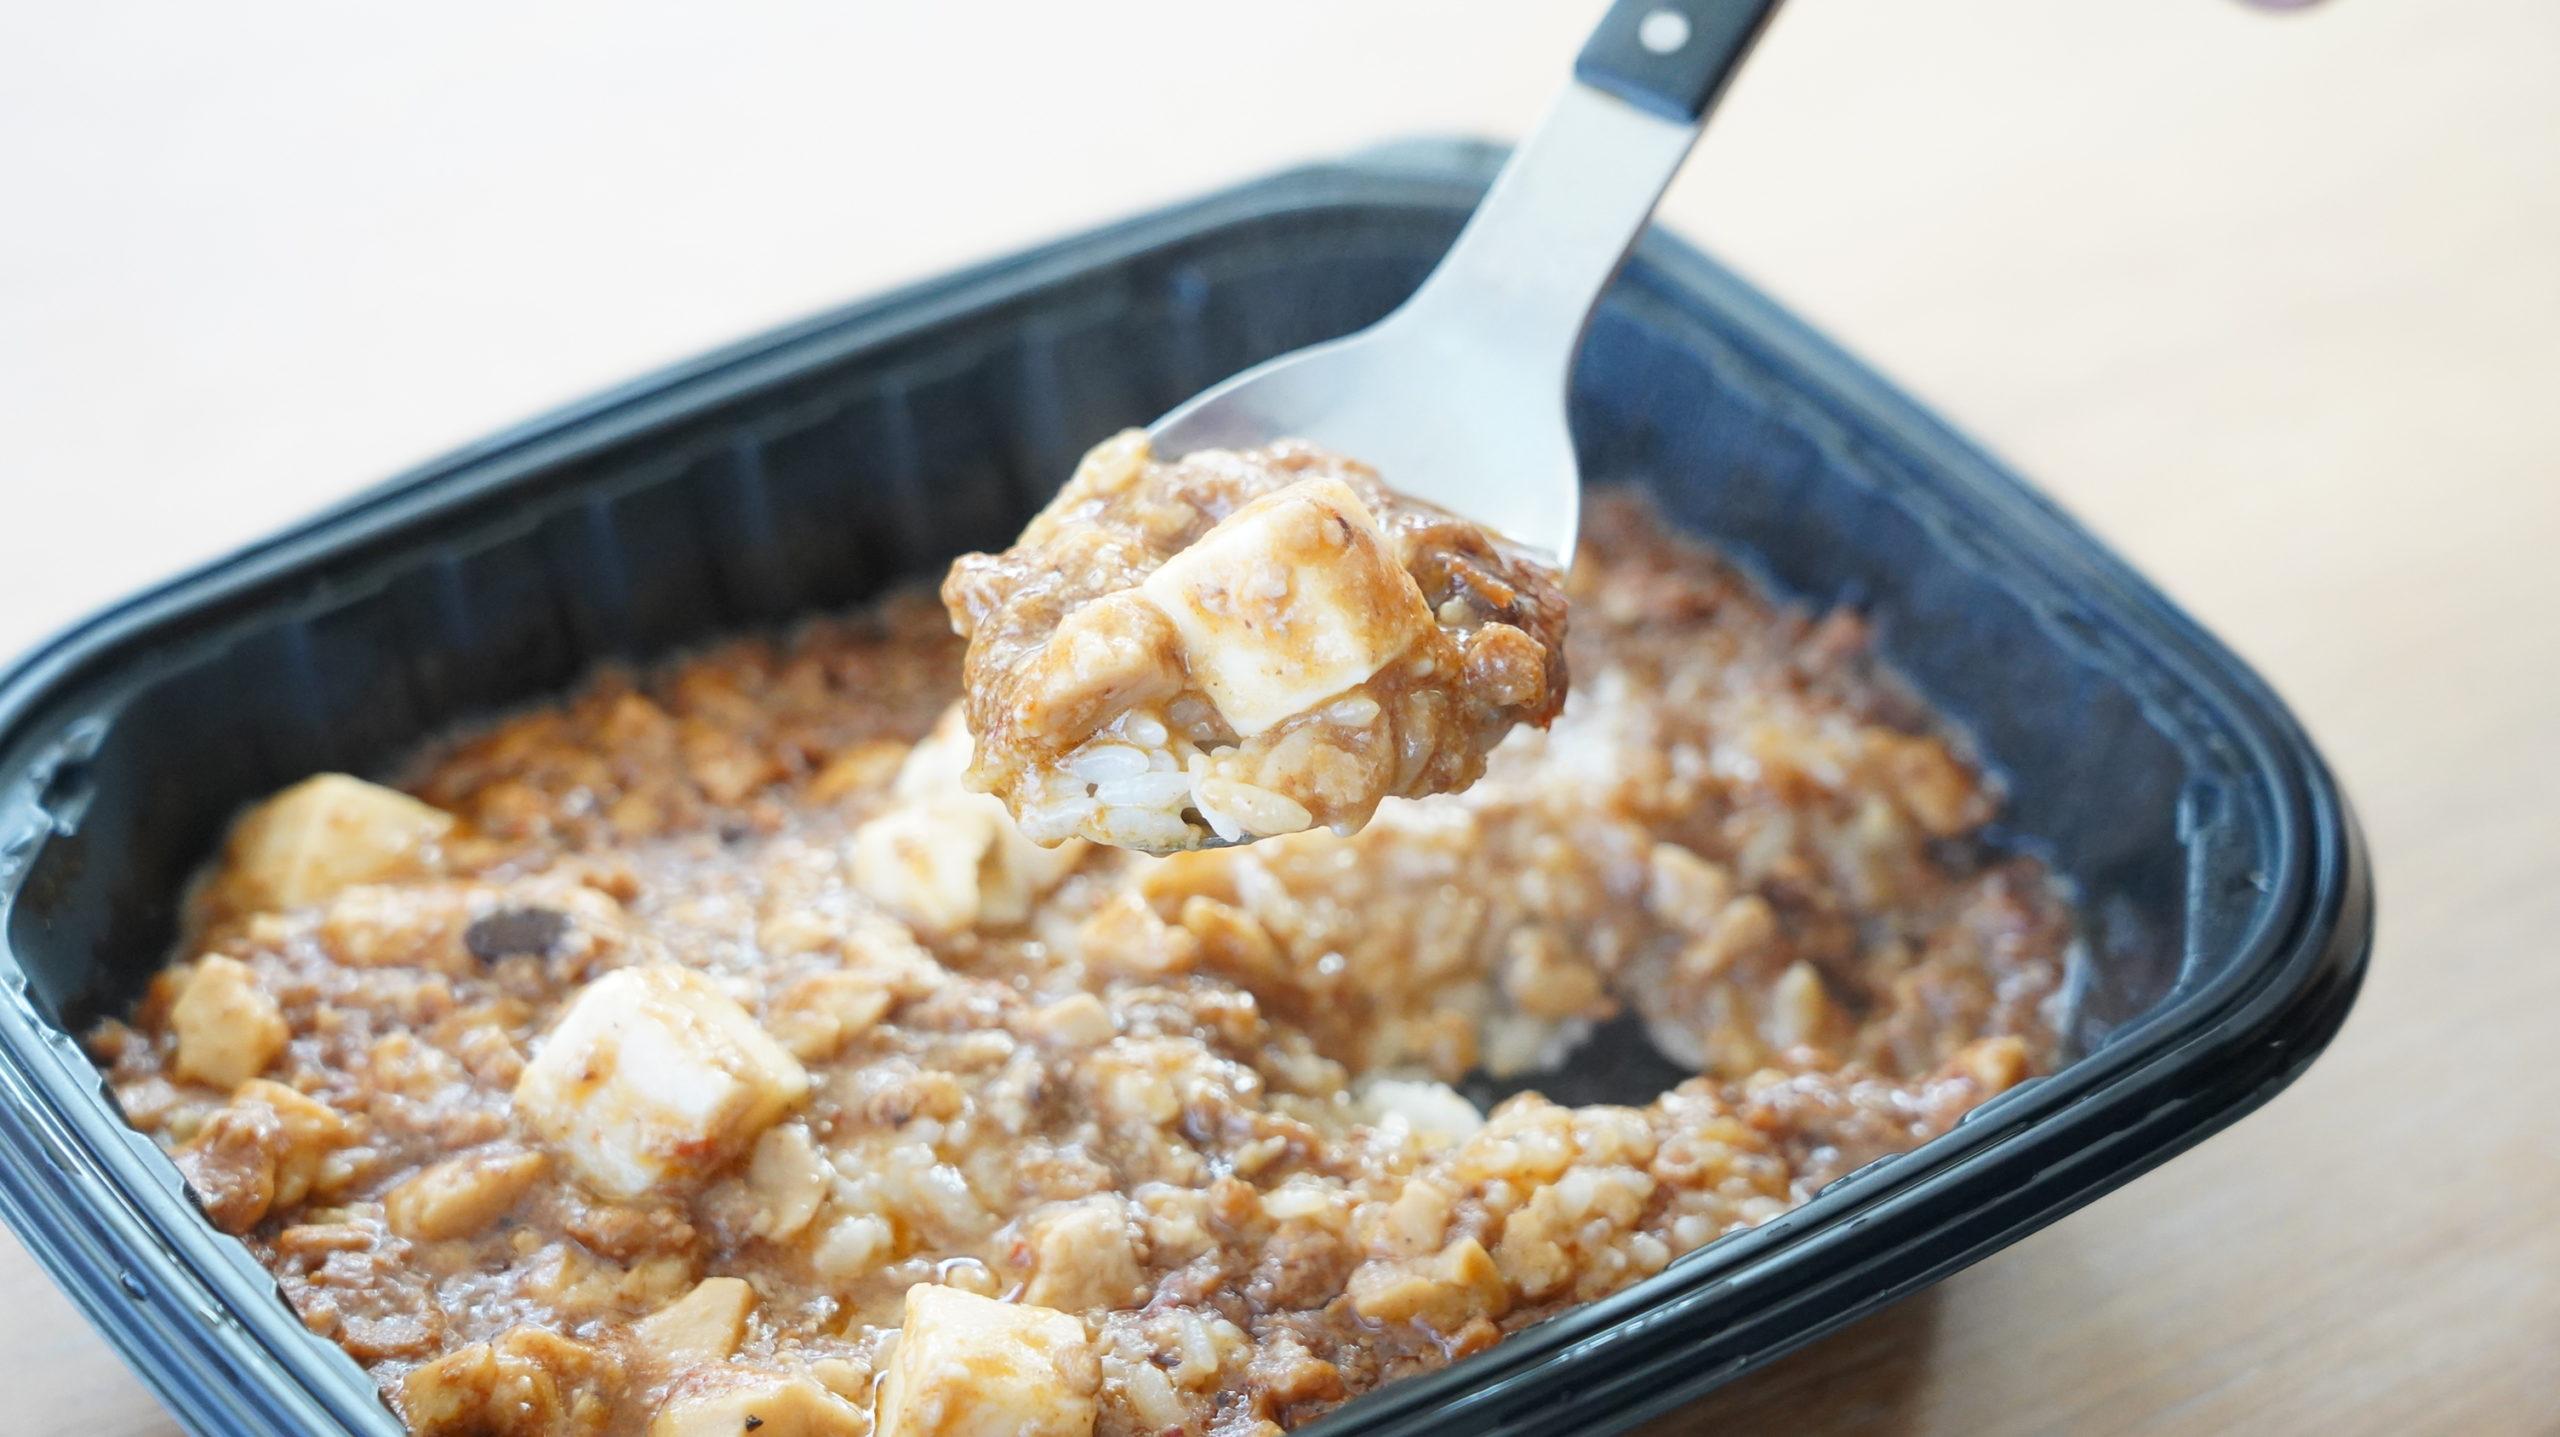 ファミリーマートの冷凍食品「花椒香る四川風麻婆豆腐丼」をスプーンですくっている写真